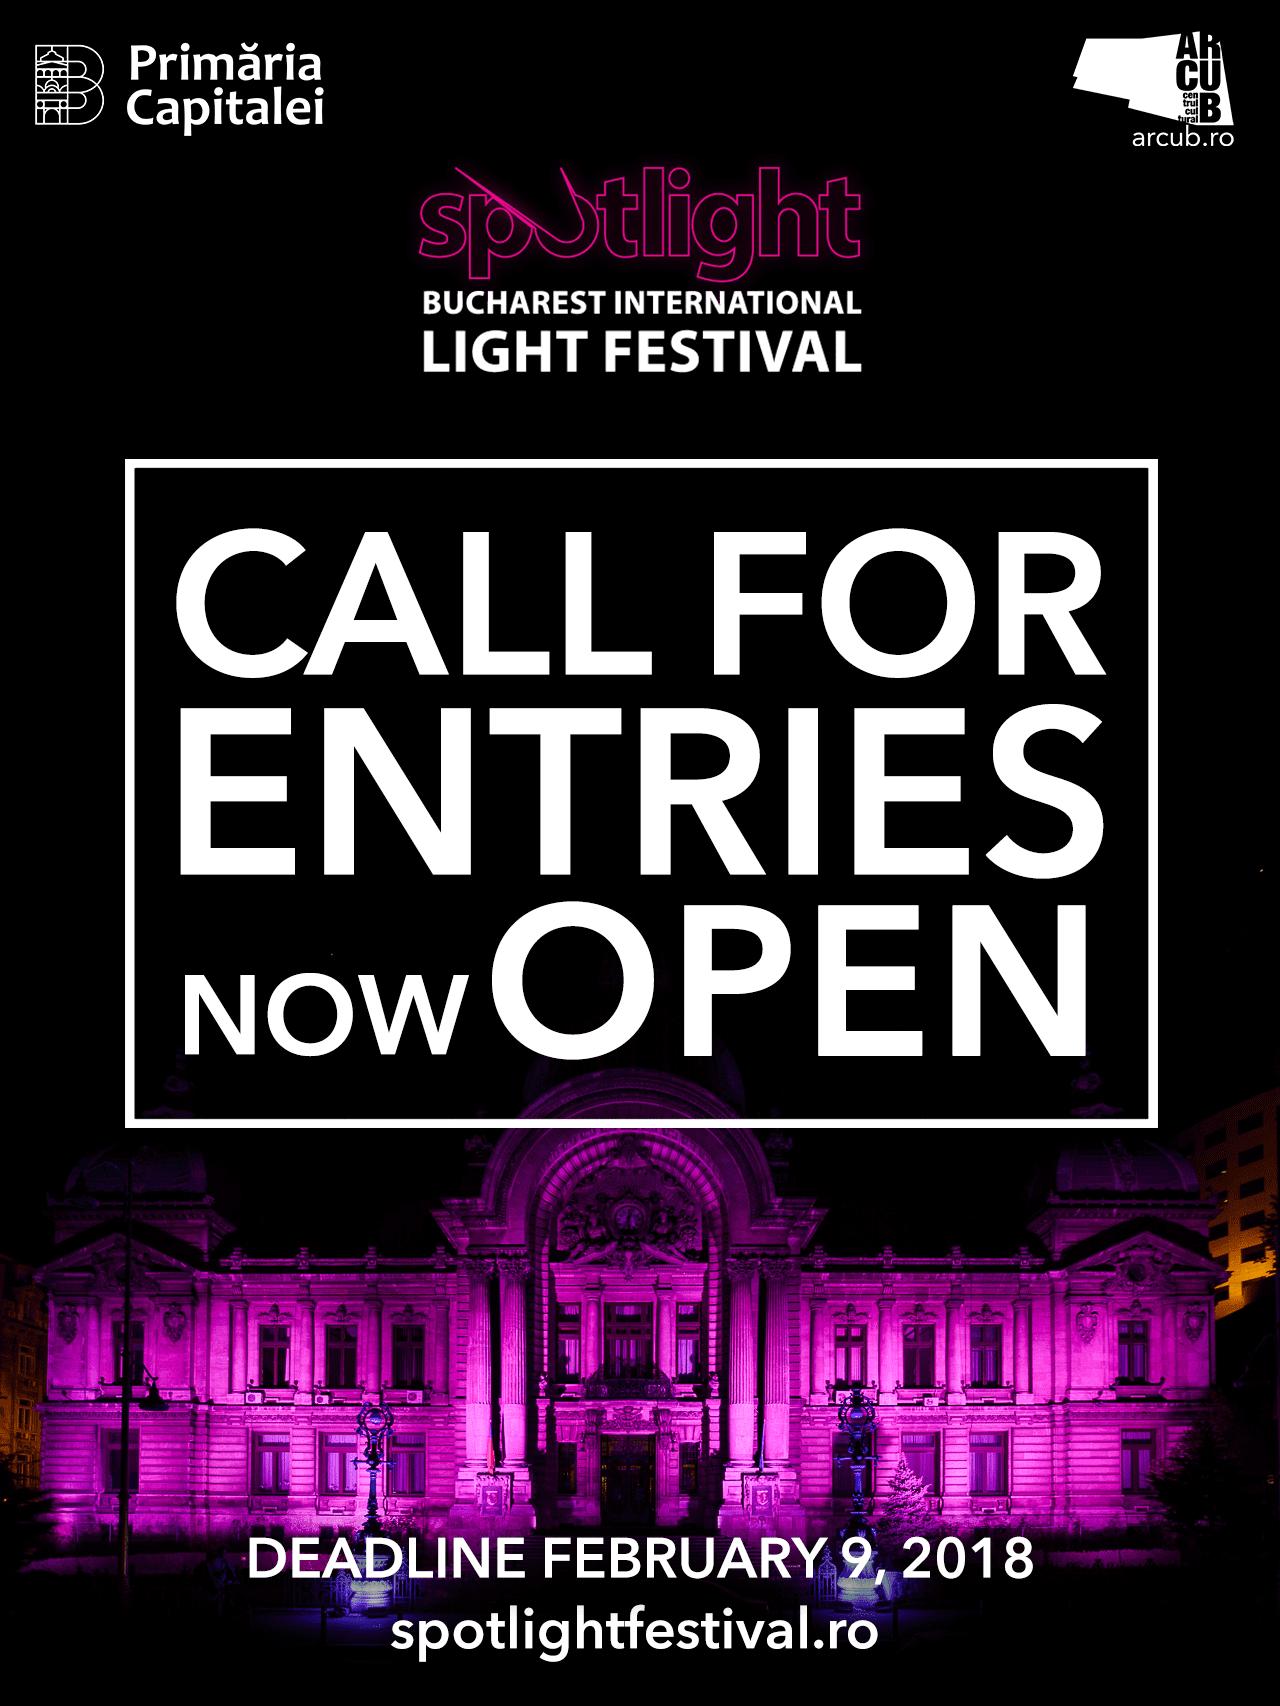 Spotlight Call for entries